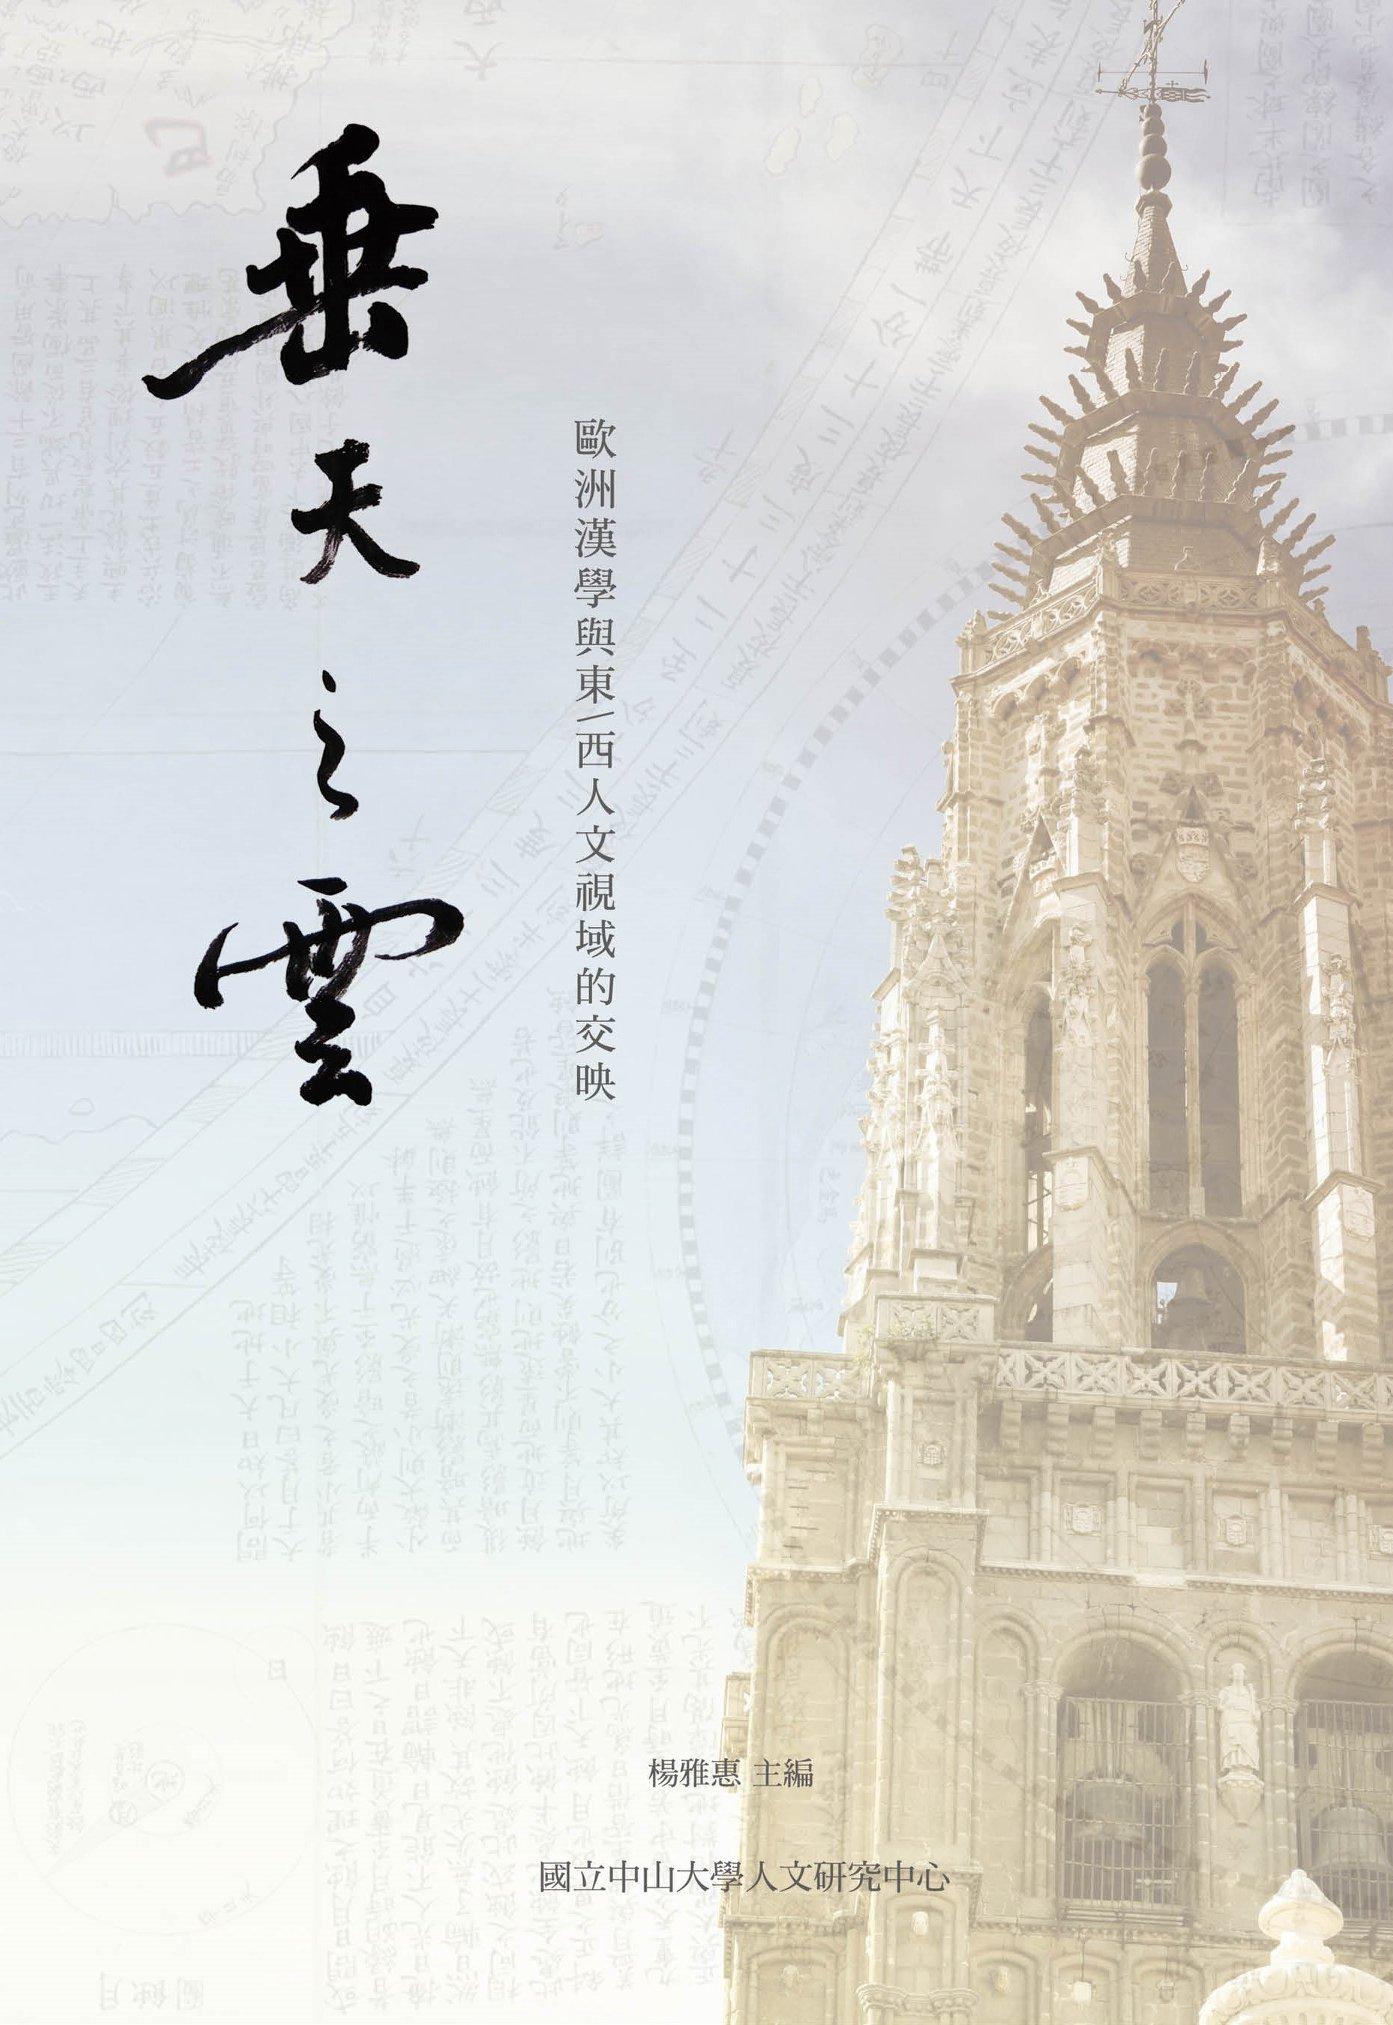 楊雅惠主編:《垂天之雲:歐洲漢學與東/西人文視域的交映》(2018)